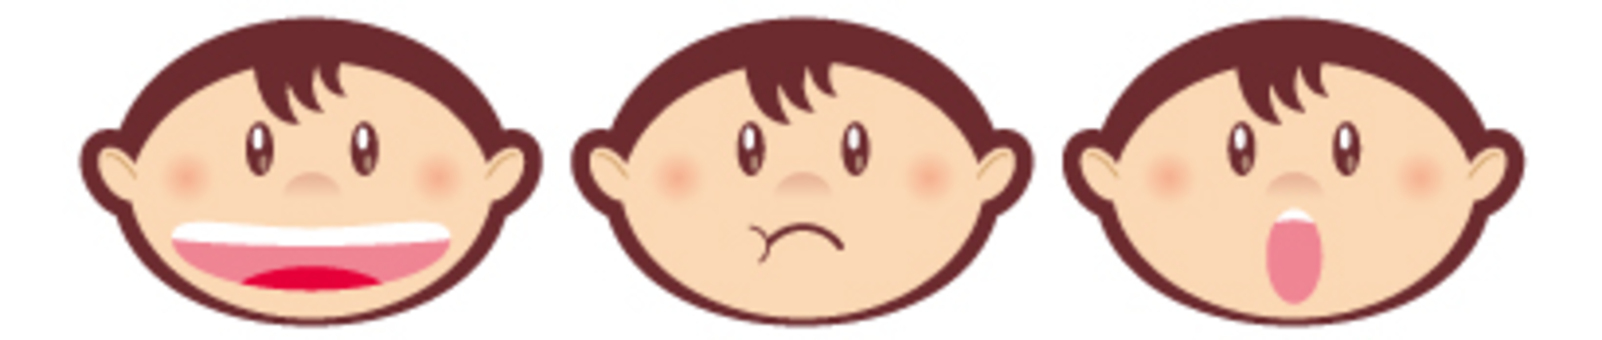 Smile _ Child